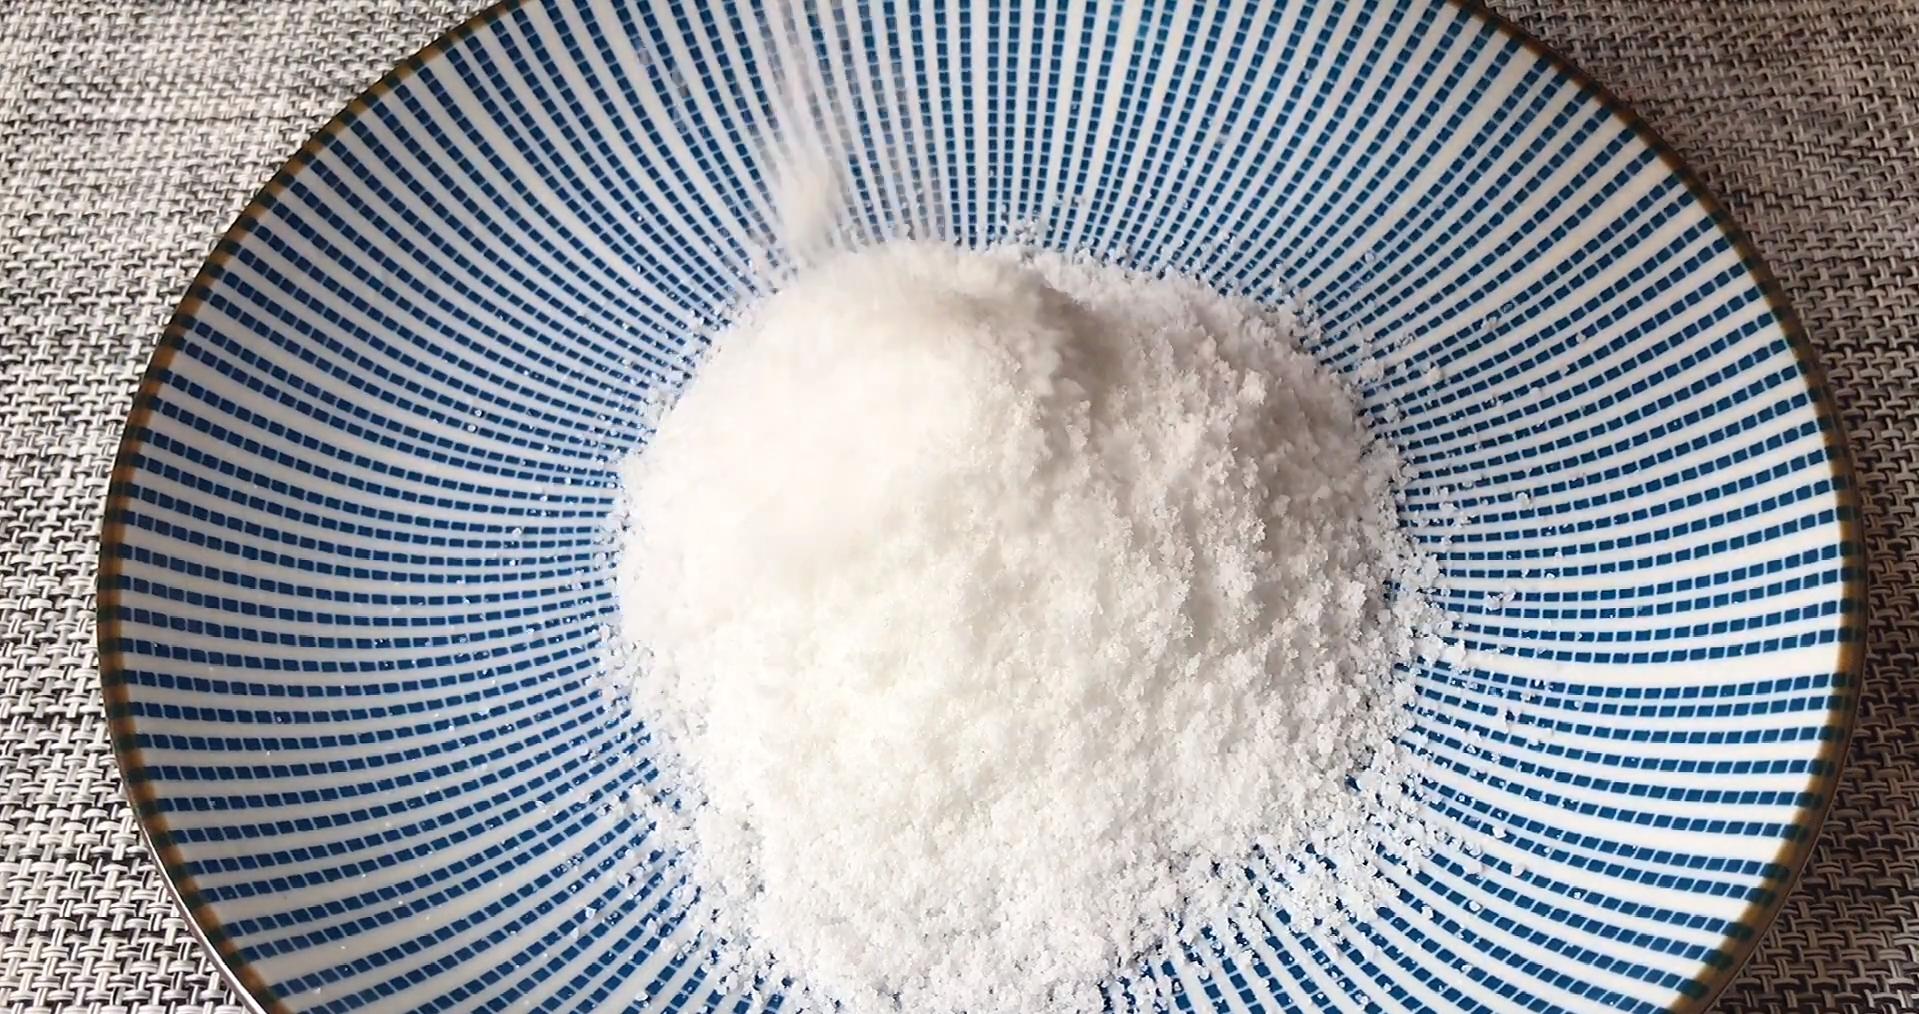 把白酒倒进鸭蛋里,真是厉害了,个个翻沙流油,吃着满嘴留香 美食做法 第9张